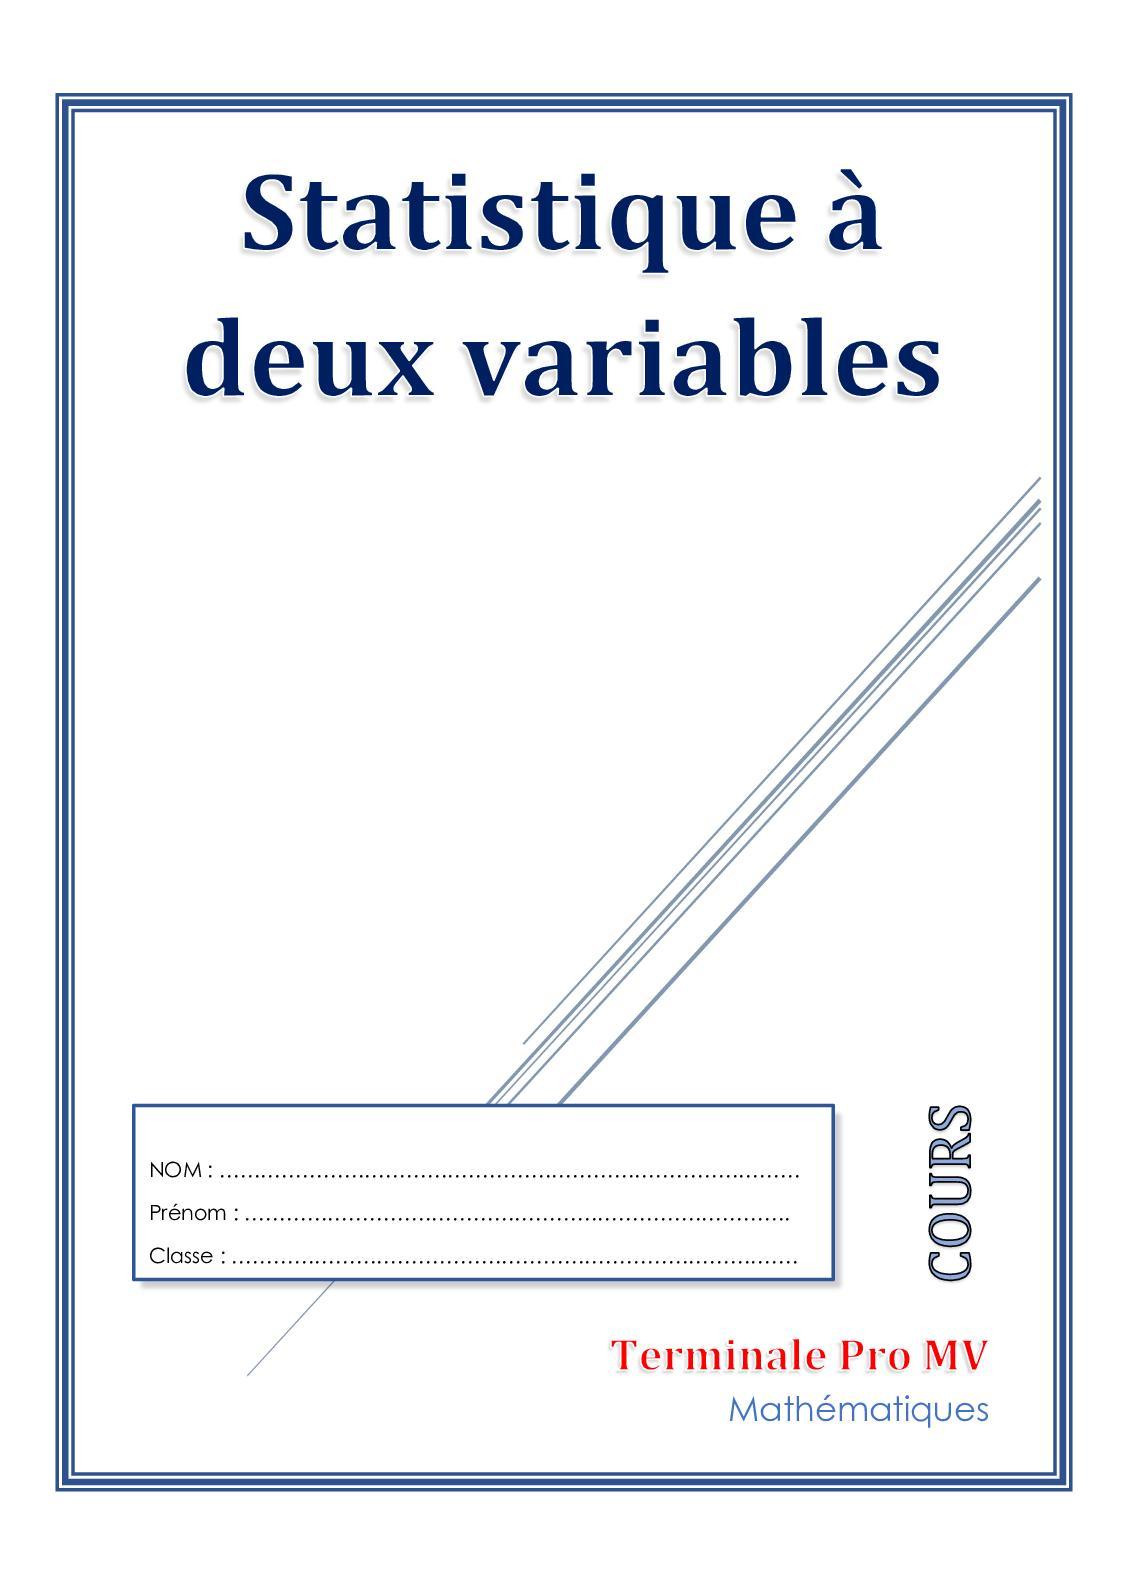 Calaméo - Danfakha Statistique à Deux Variables Doc Eleve